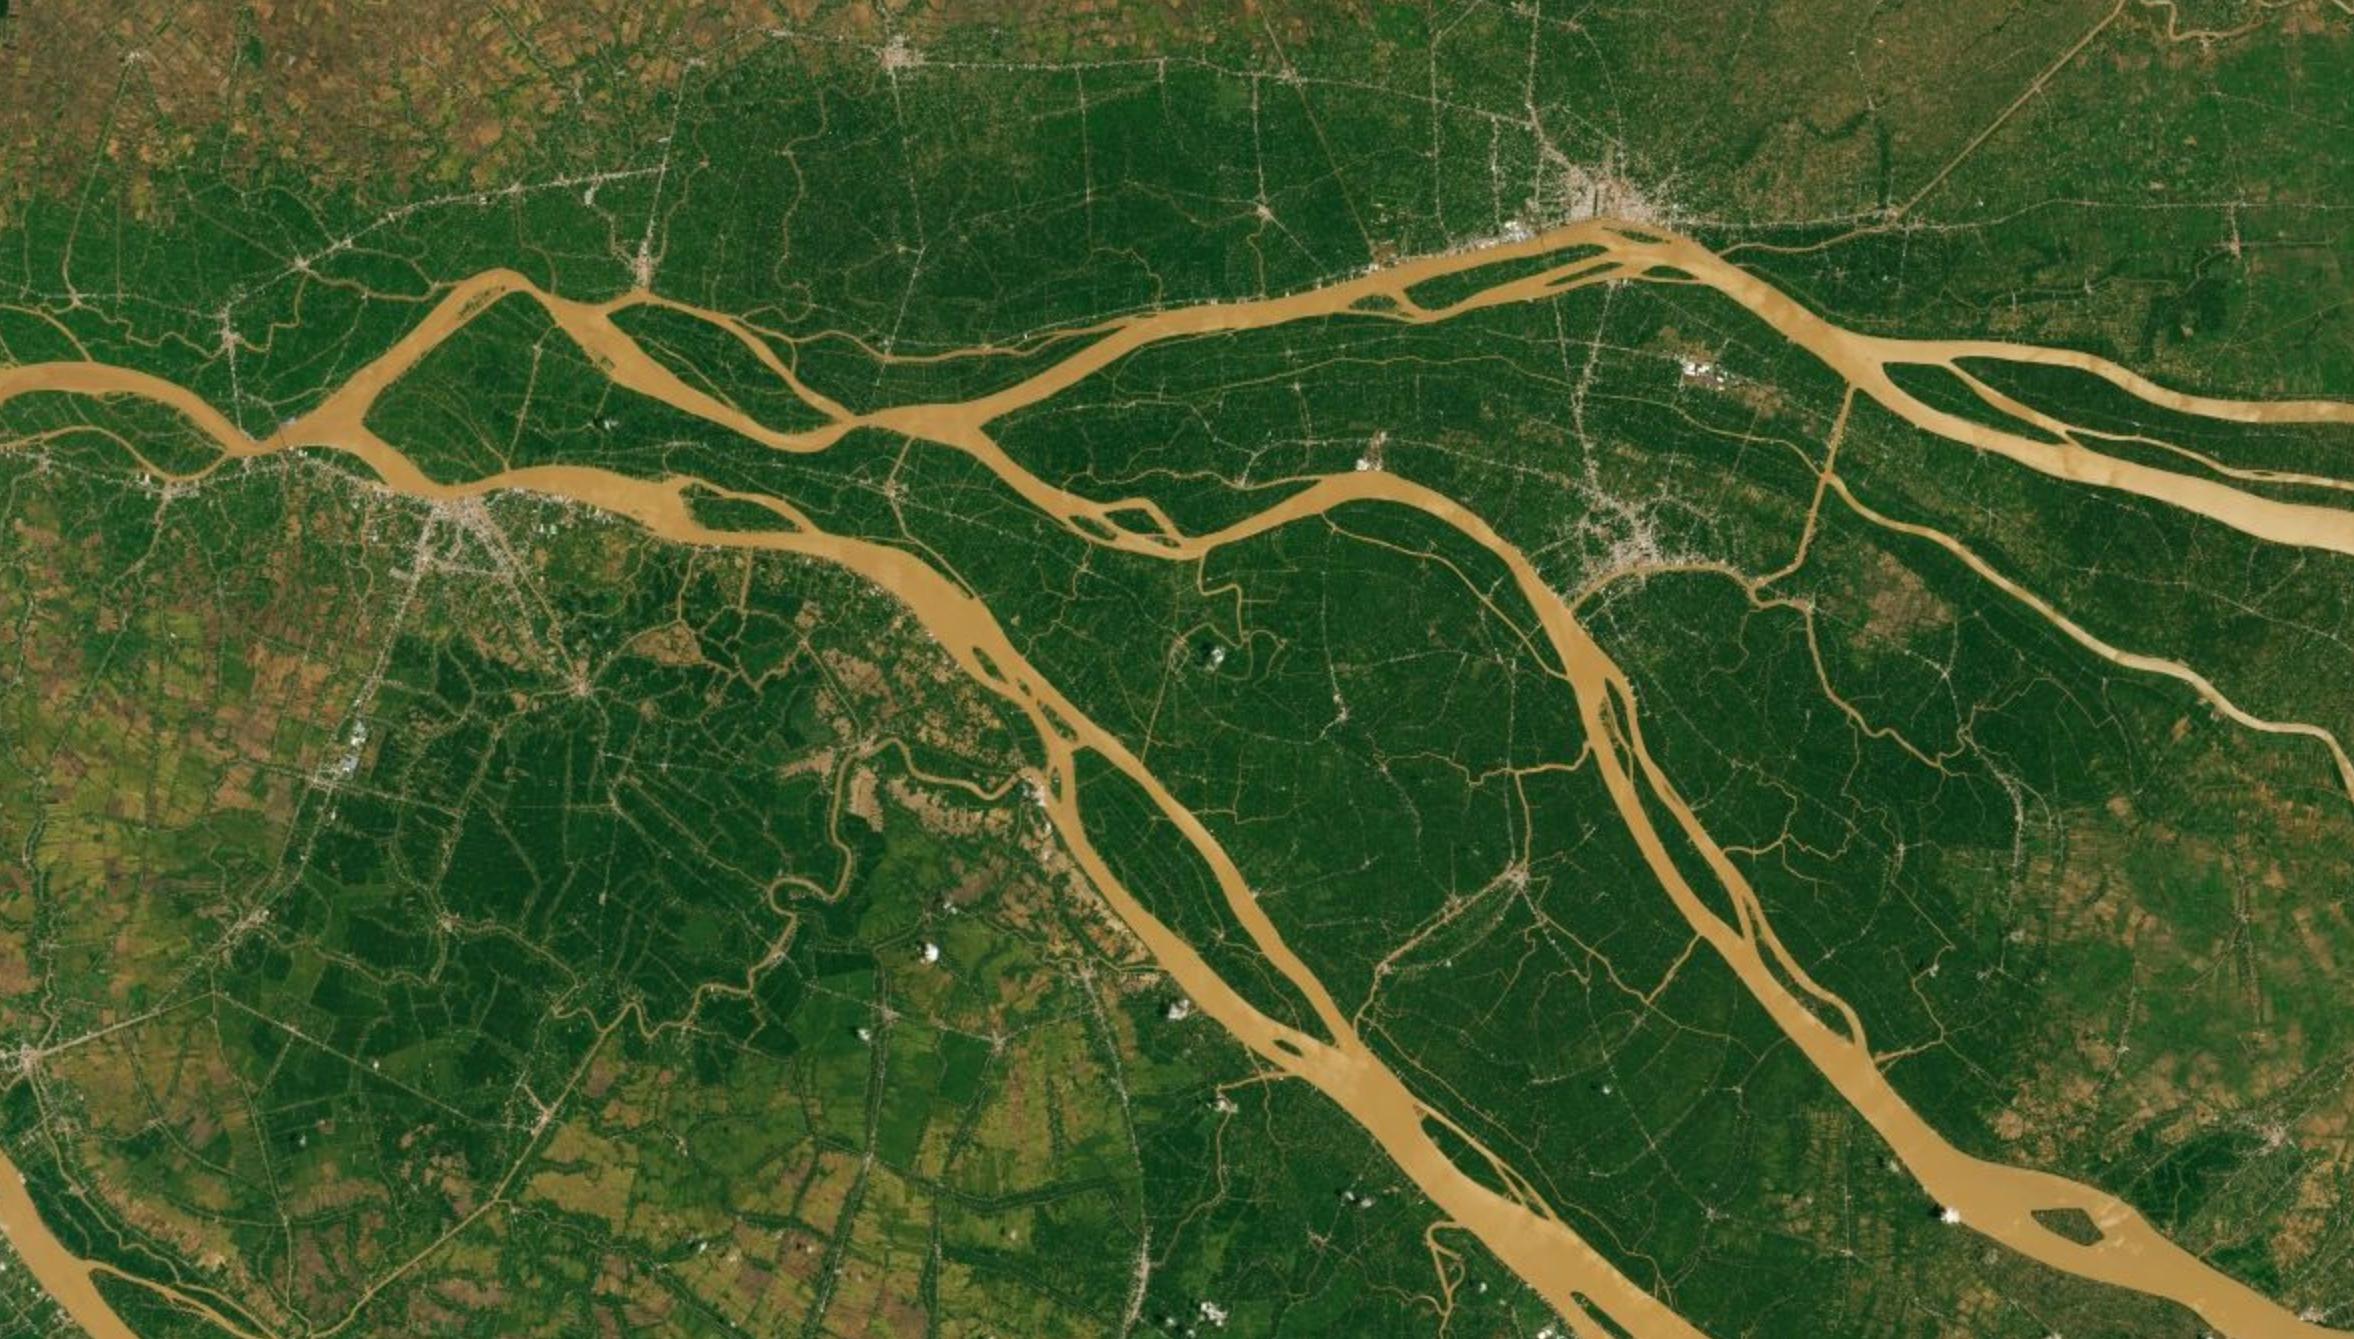 Delta with crop fields in Viet Nam.